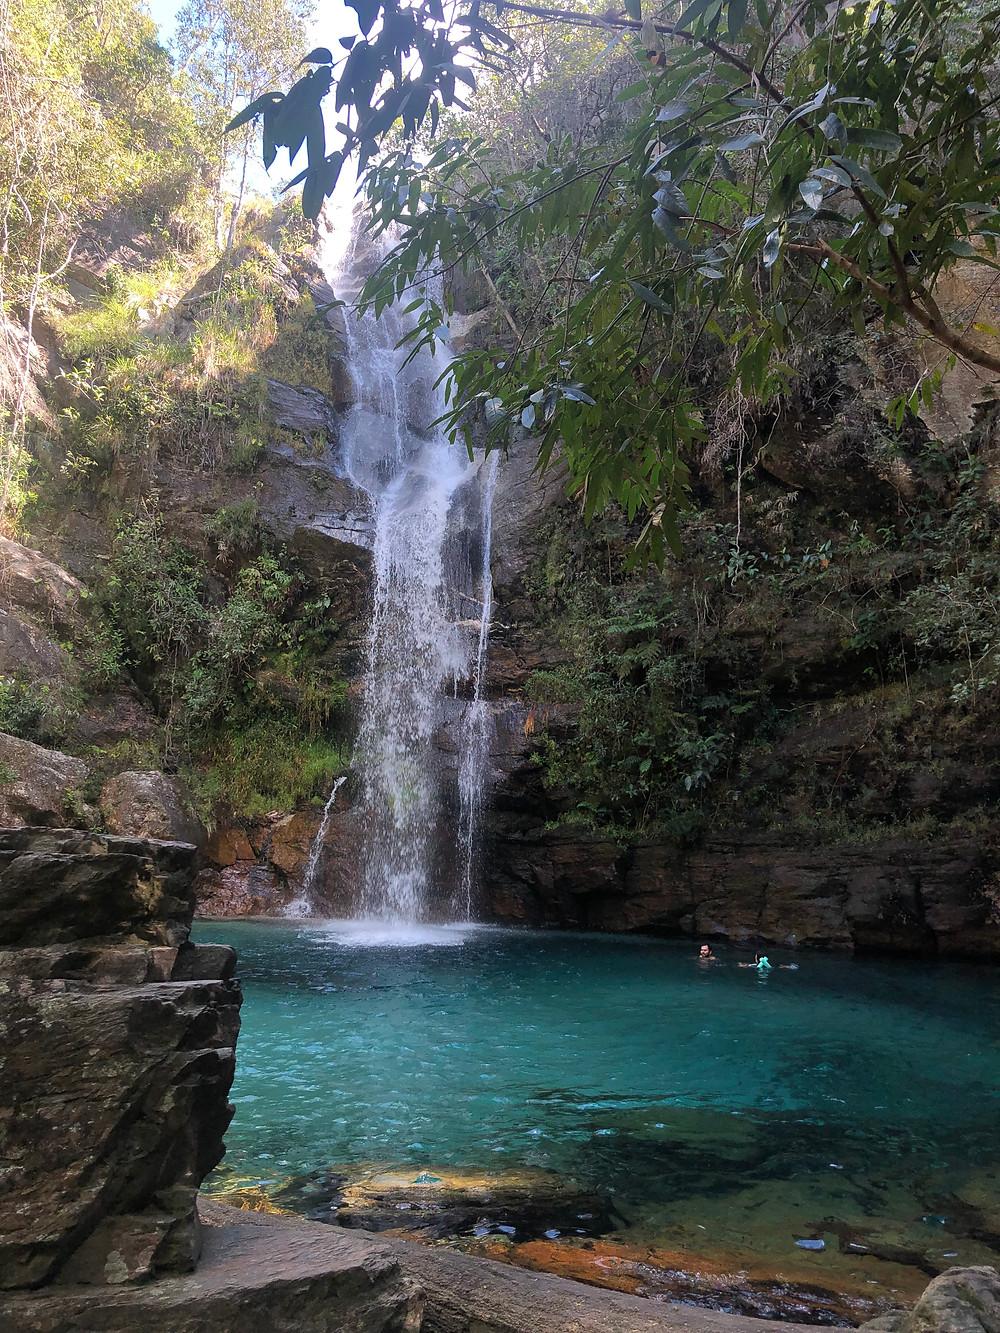 Cachoeira Santa Barbara - Chapada dos Veadeiros